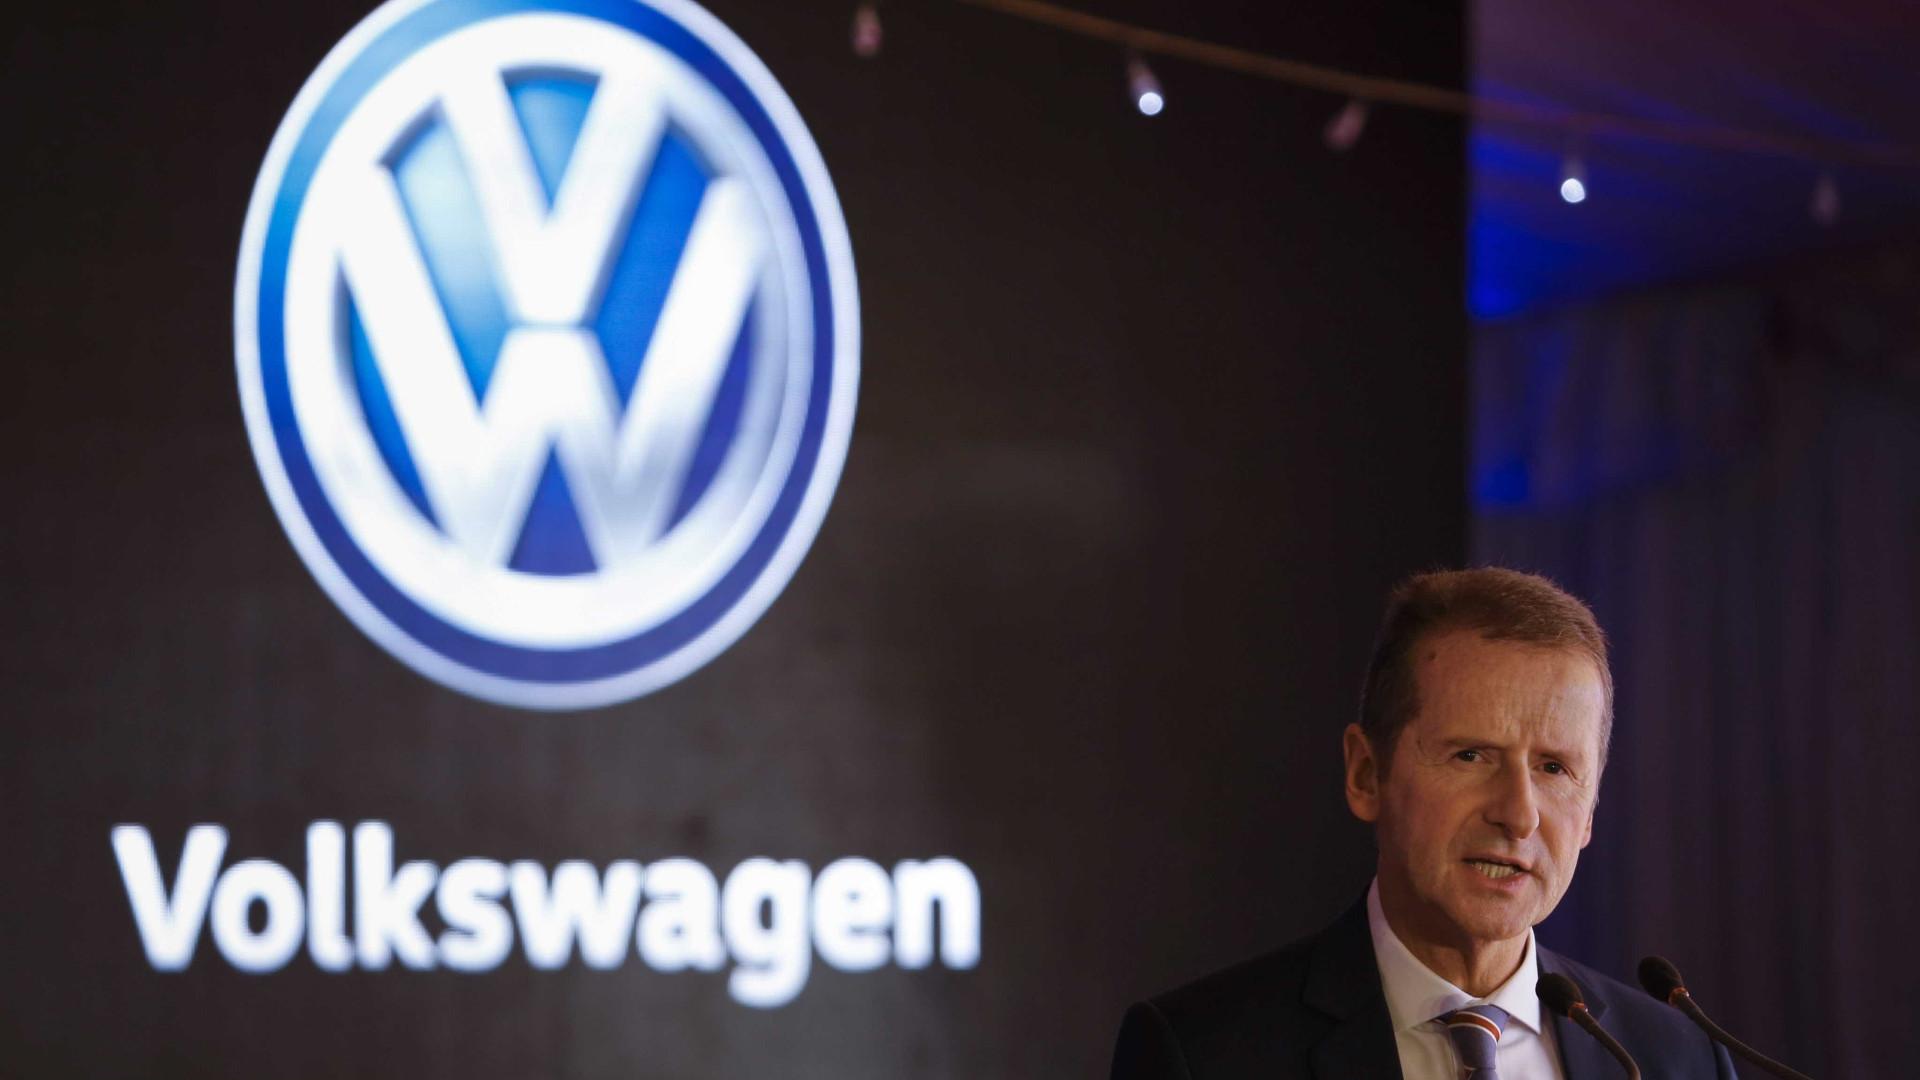 VW rejeita hipótese de deslocalizar Autoeuropa e confia em solução